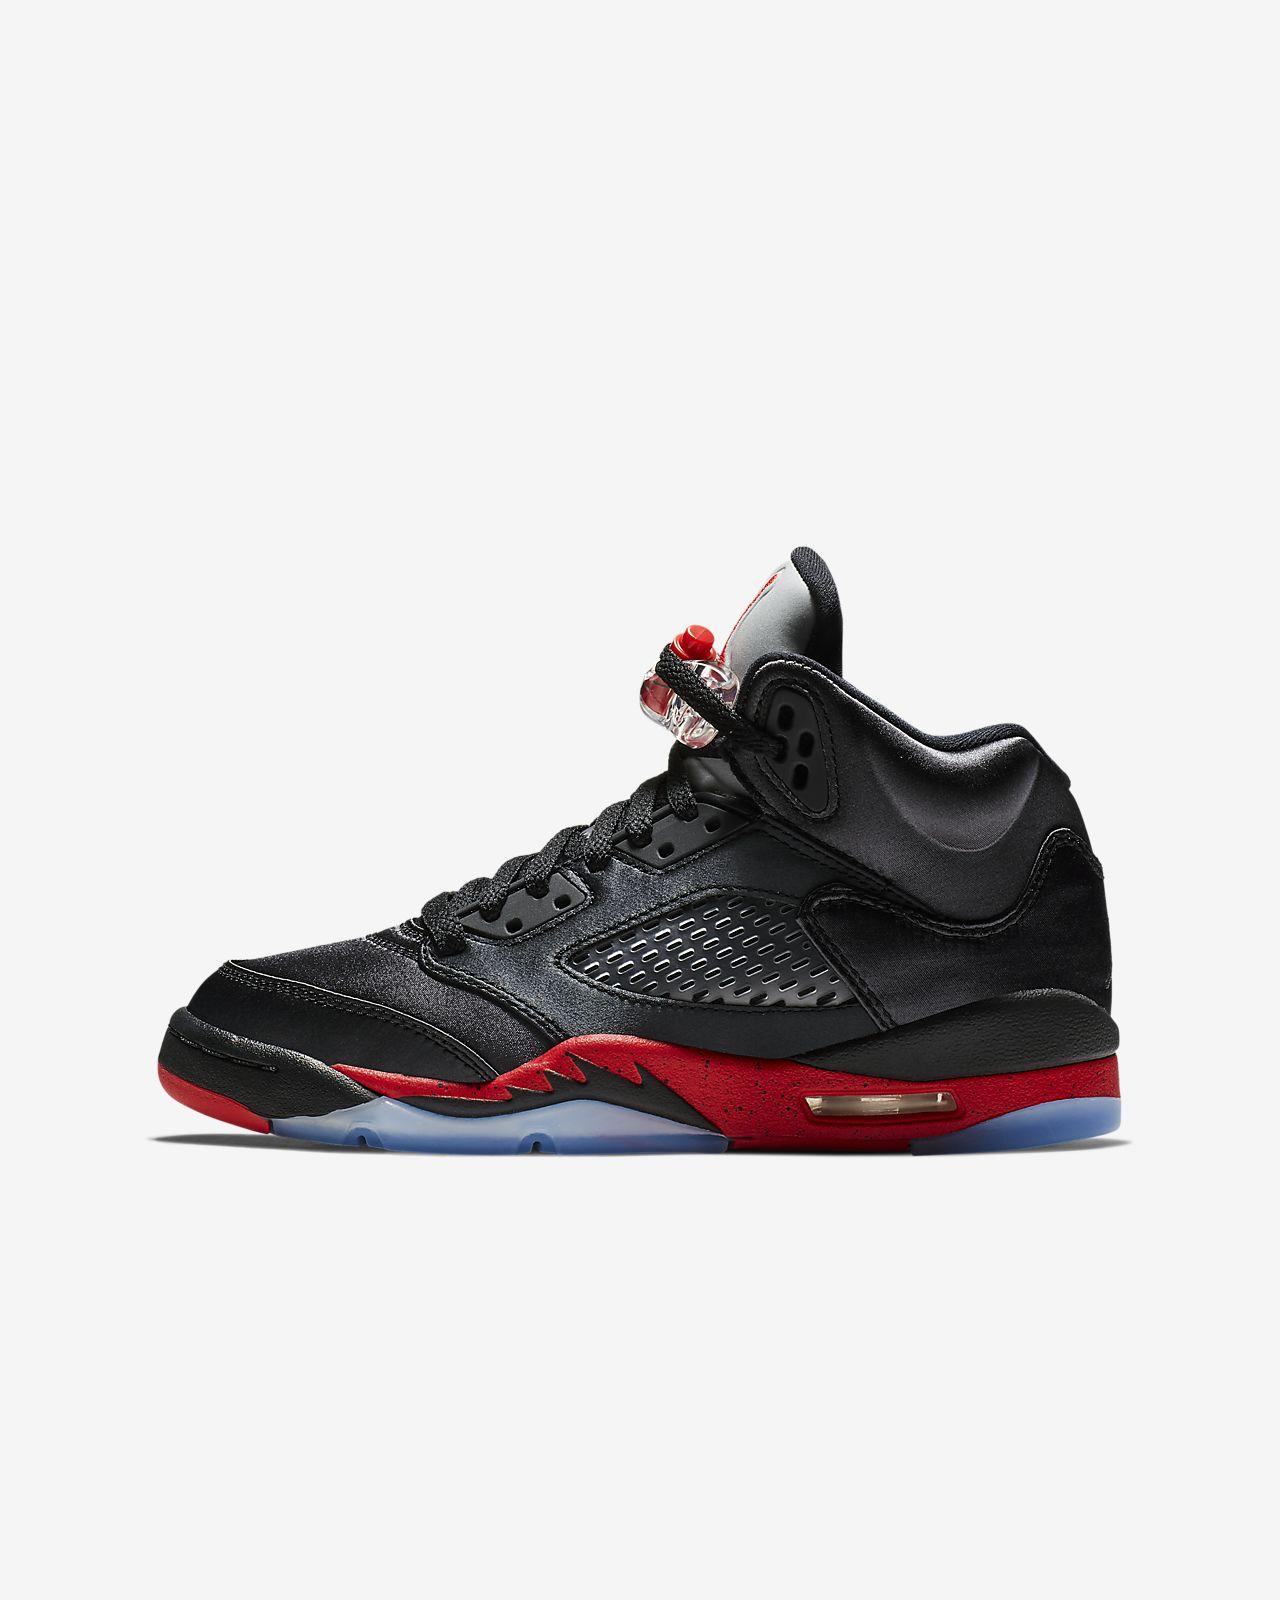 53249c36f71 ... Calzado para niños talla grande Air Jordan 5 Retro (22